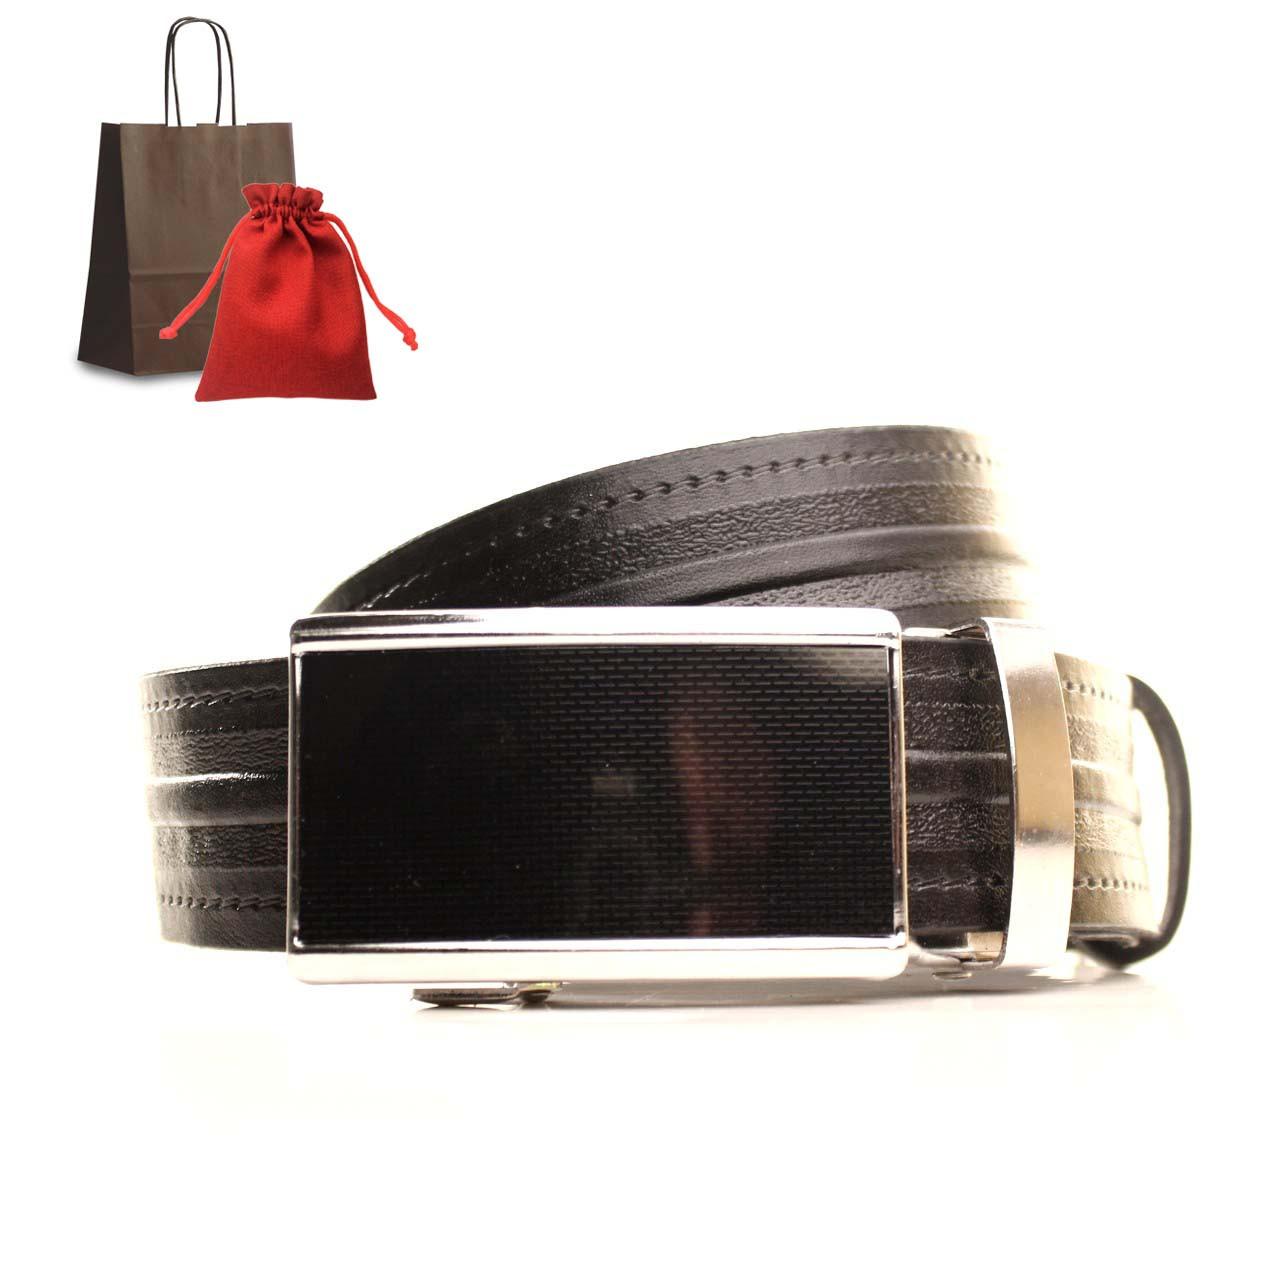 Ремень кожаный Lazar 105-115 см коричневый L35U1A73-M